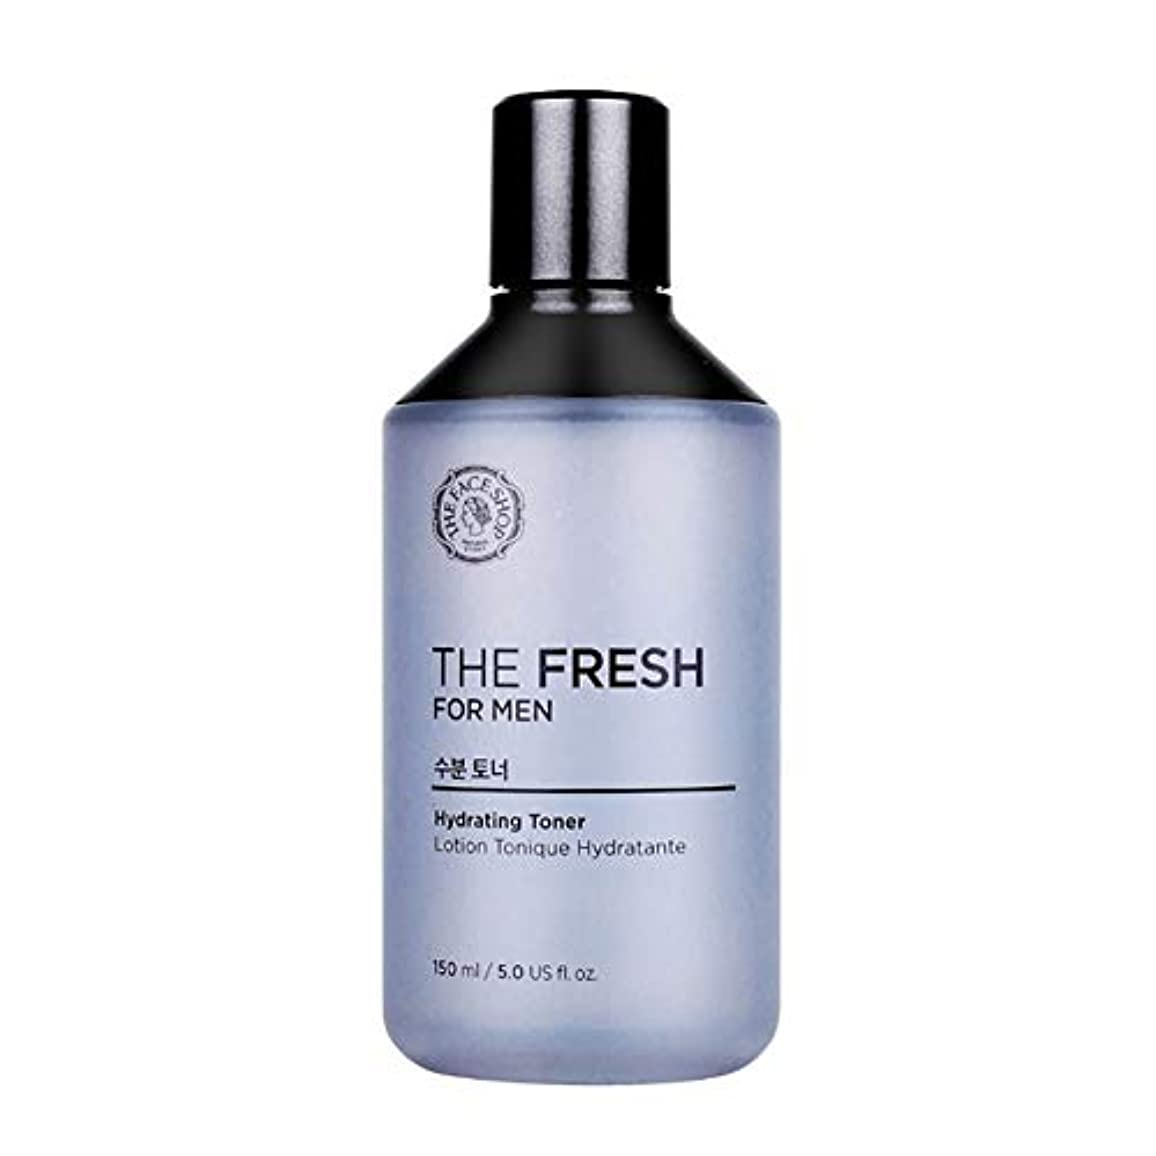 ザ?フェイスショップザ?フレッシュフォーマン水分トナー150mlメンズコスメ、The Face Shop The Fresh For Men Hydrating Toner 150ml Men's Cosmetics [...